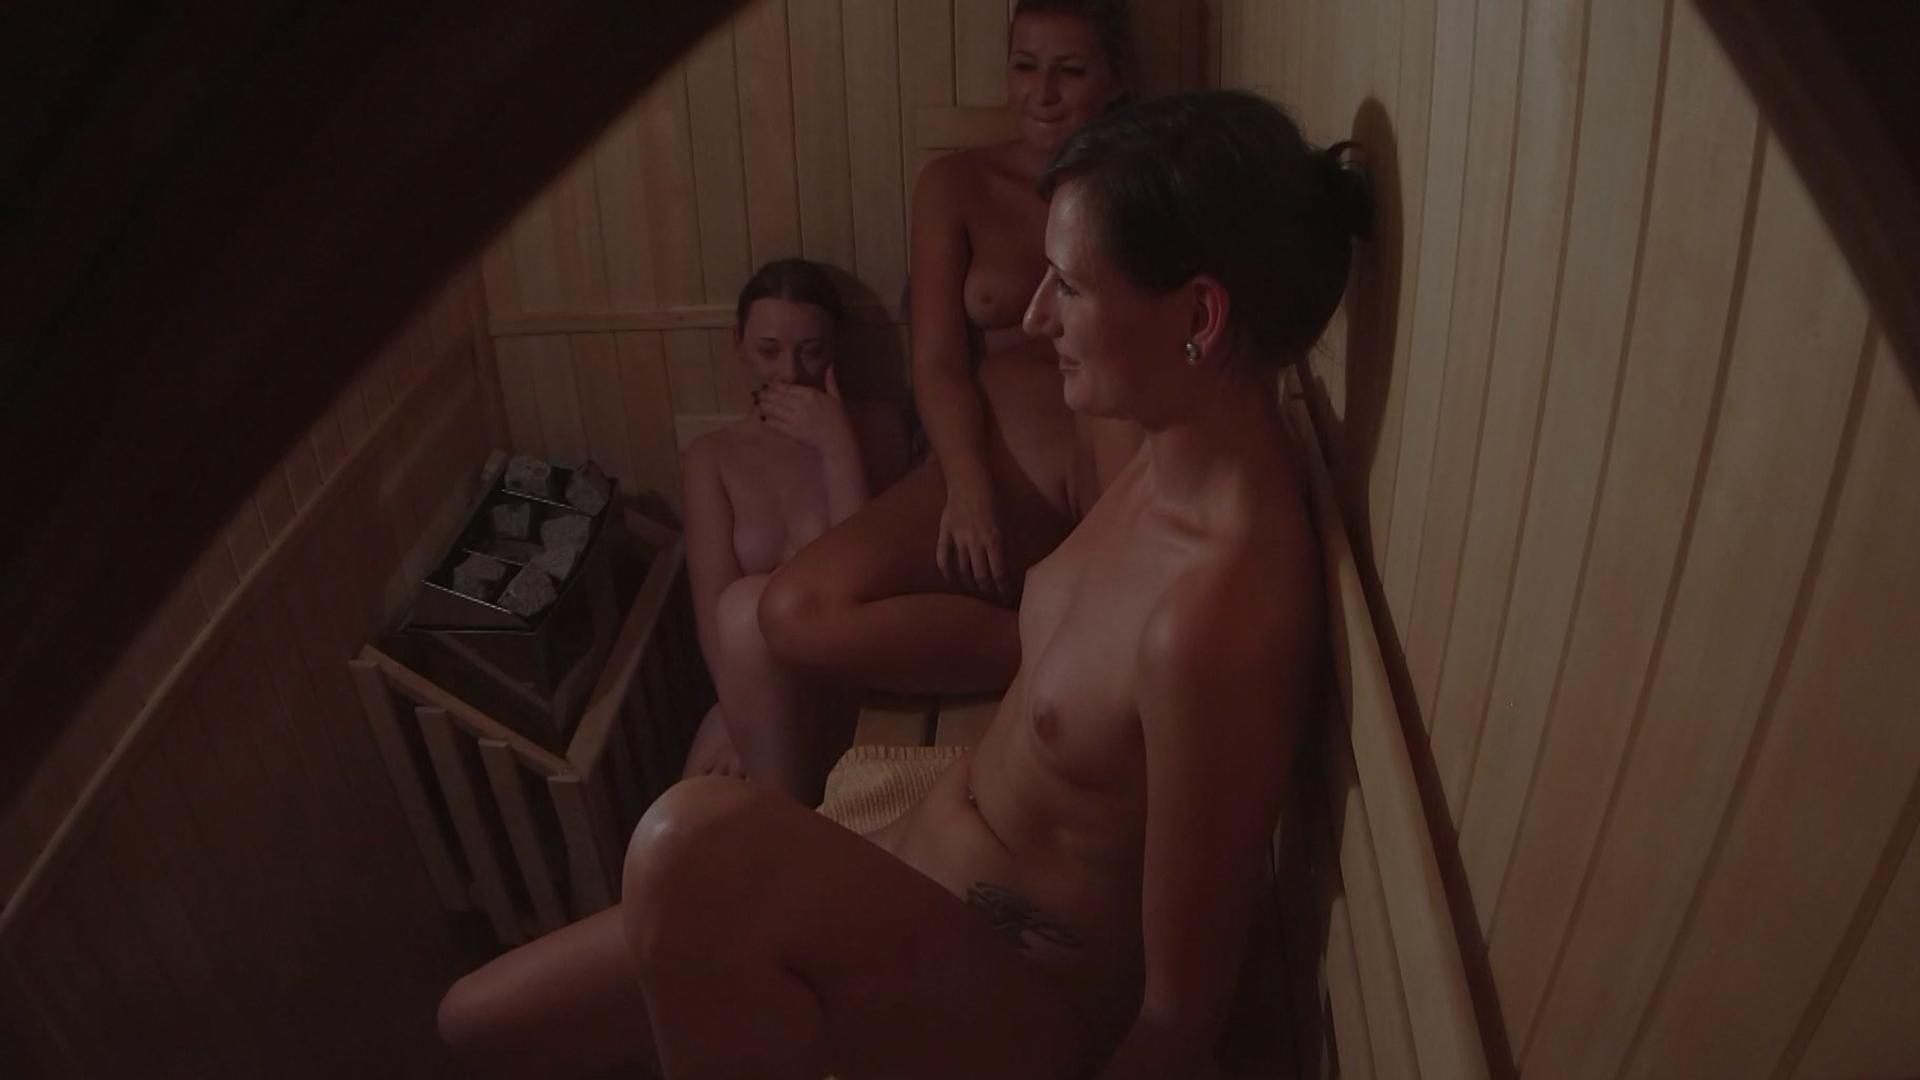 Скрытая камера фото и голые девушки  скрытое